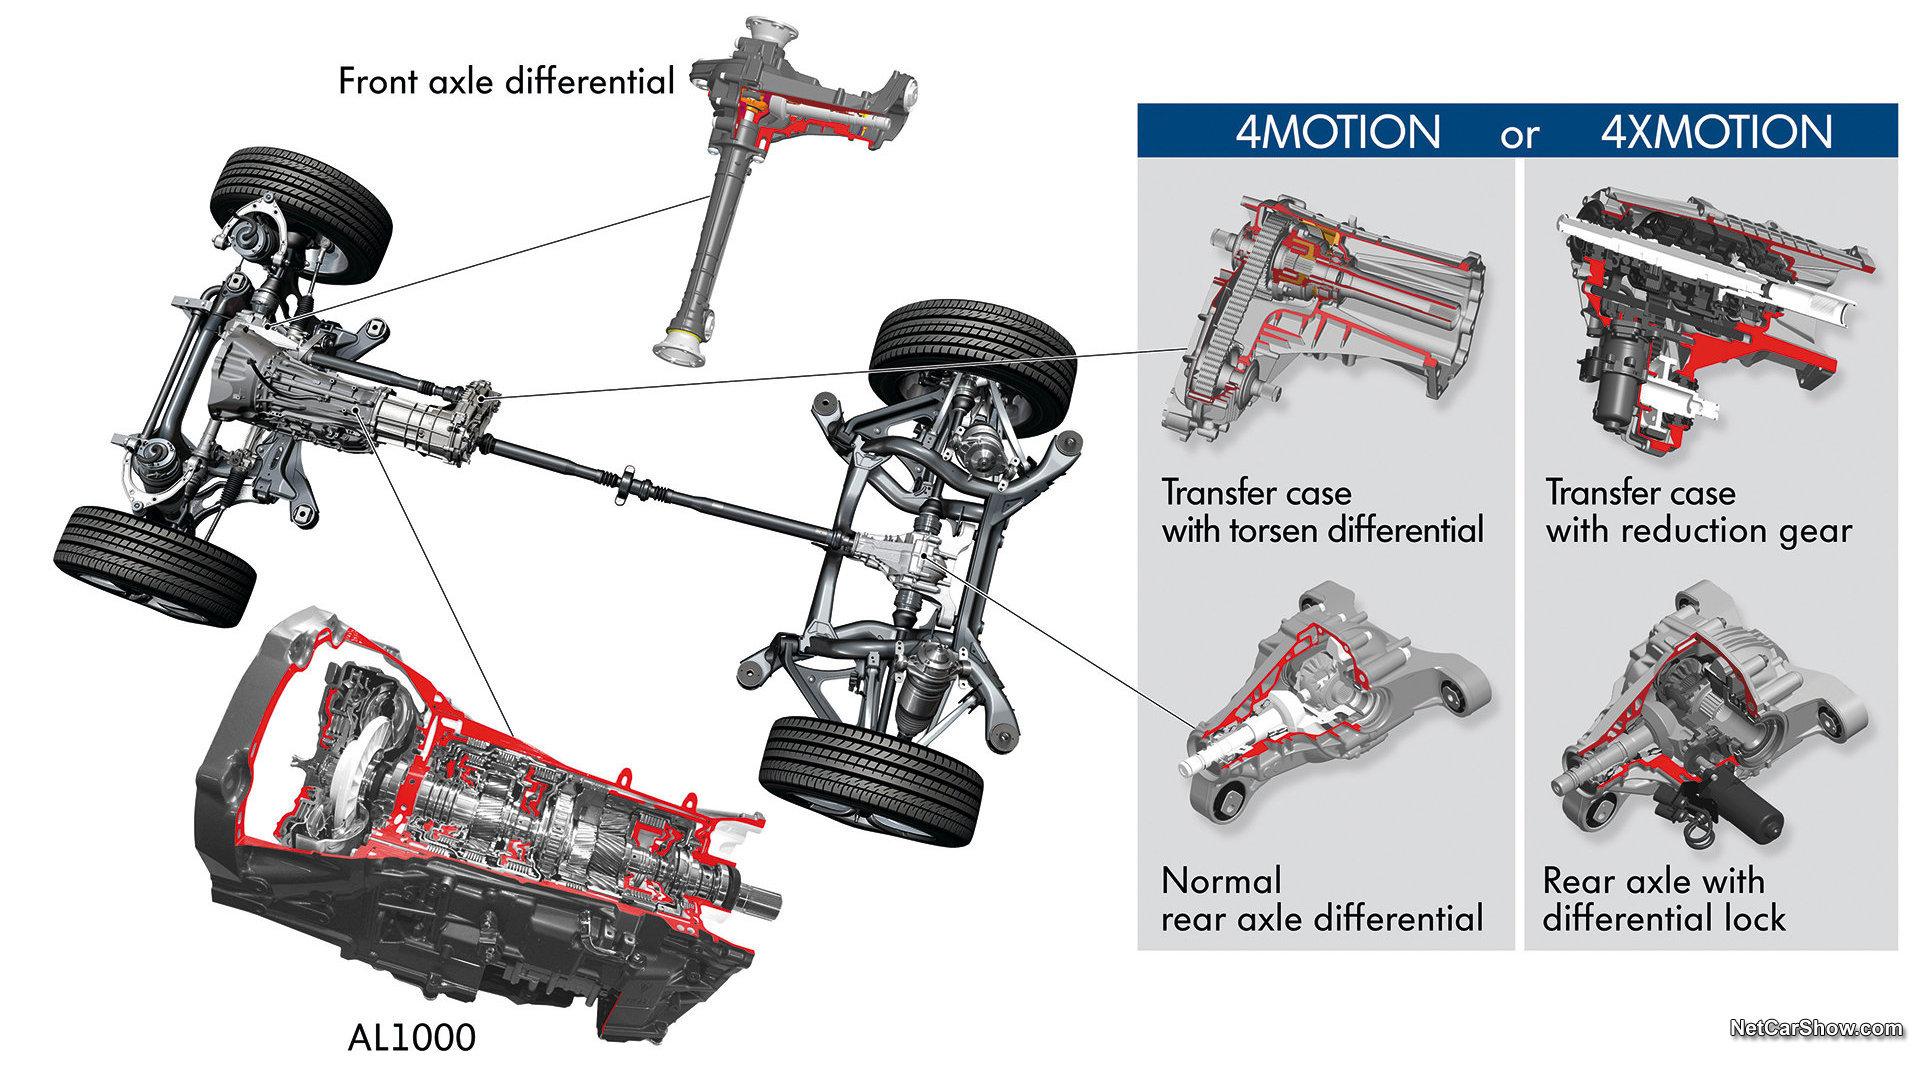 由上表可见,根据配备车型的不同,大众汽车4MOTION所采用的核心科技也是不一样的。  Torsen中央差速器:基于纵置发动机平台而开发的大众汽车4MOTION核心为Torsen中央差速器。该差速器为蜗轮蜗杆行星齿轮结构,它的工作是纯机械的而无需任何电子系统介入。这套系统在正常情况行驶下,前后轴保持40:60的动力分配,而极端情况时后轮最大可以分配到80%的驱动力,前轮最大能够获得60%的驱动力,提供卓越的道路行驶性能,并满足中度越野需求。 Haldex中央差速器:基于横置发动机平台而开发的大众汽车4M